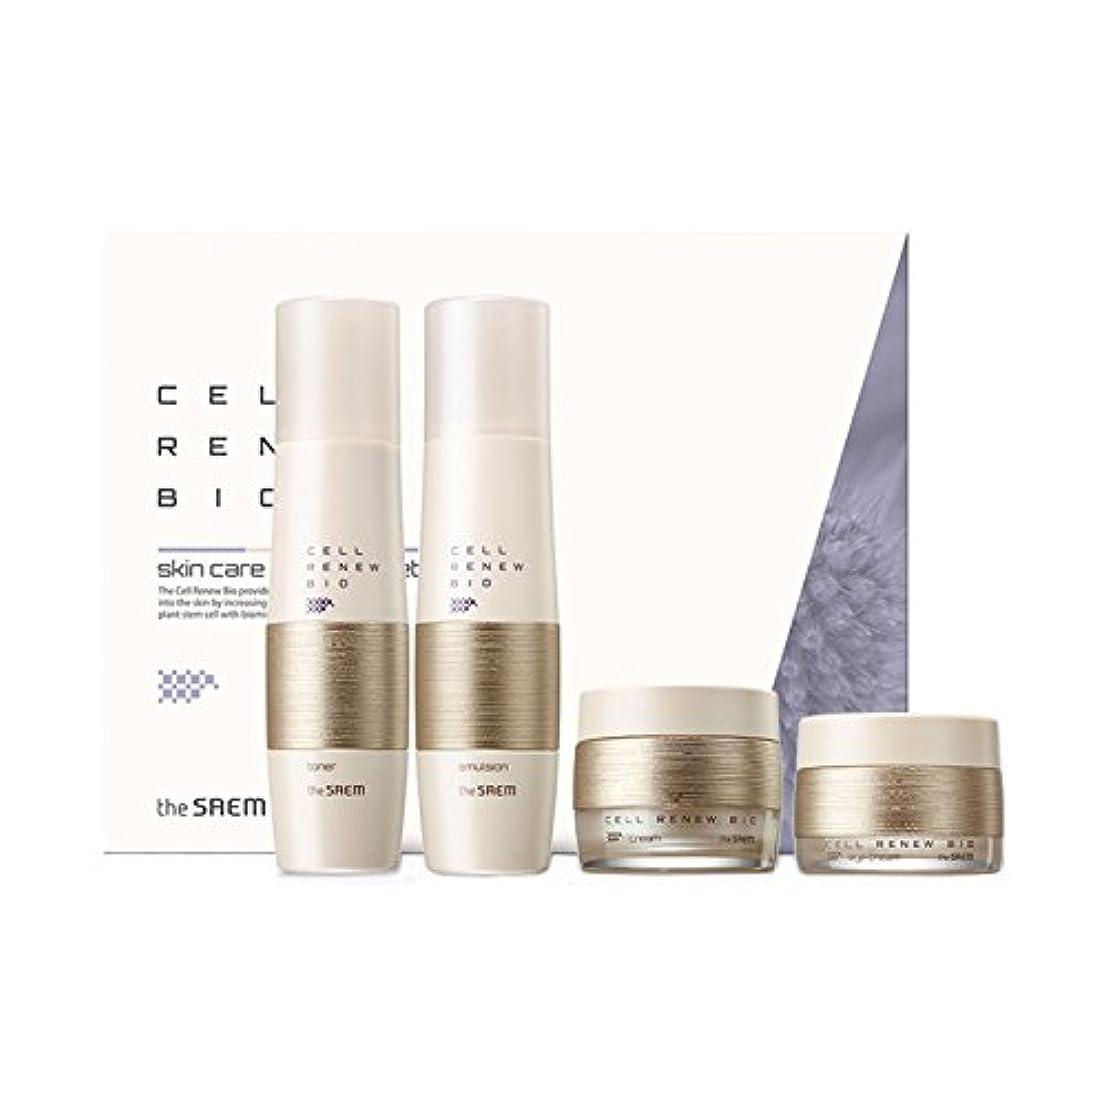 配管権限切る[ザセム] The Saem セルリニュー バイオ スキンケア スペシャル 3点 セット Cell Renew Bio Skin Care Special 3 Set (海外直送品) [並行輸入品]